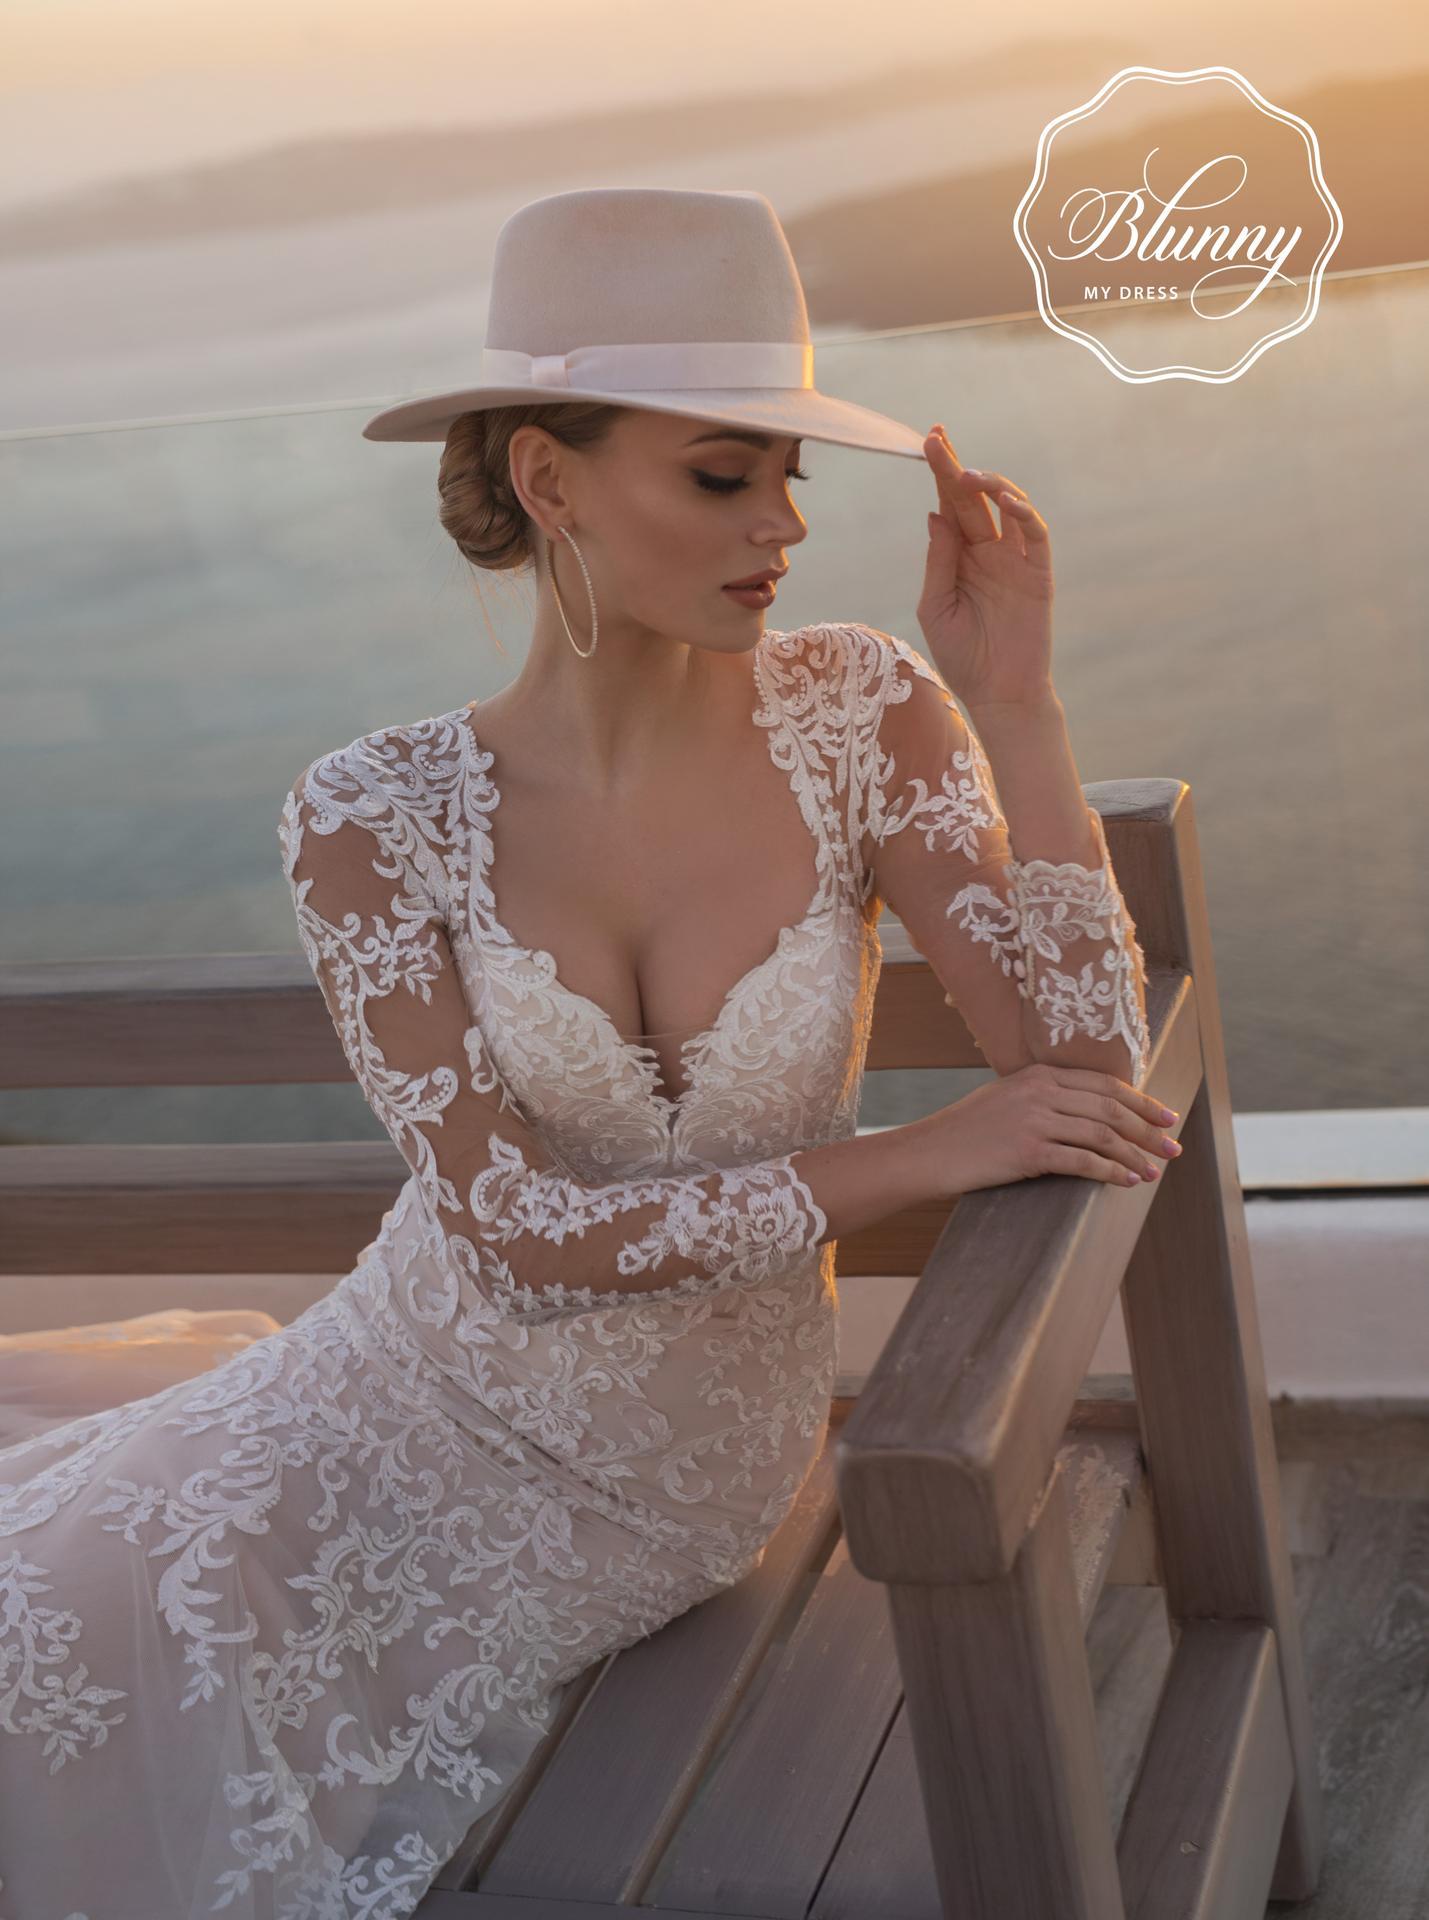 Viac úžasných modelov nájdete aj na našich FB stránkach :) https://www.facebook.com/salonweda - Obrázok č. 2